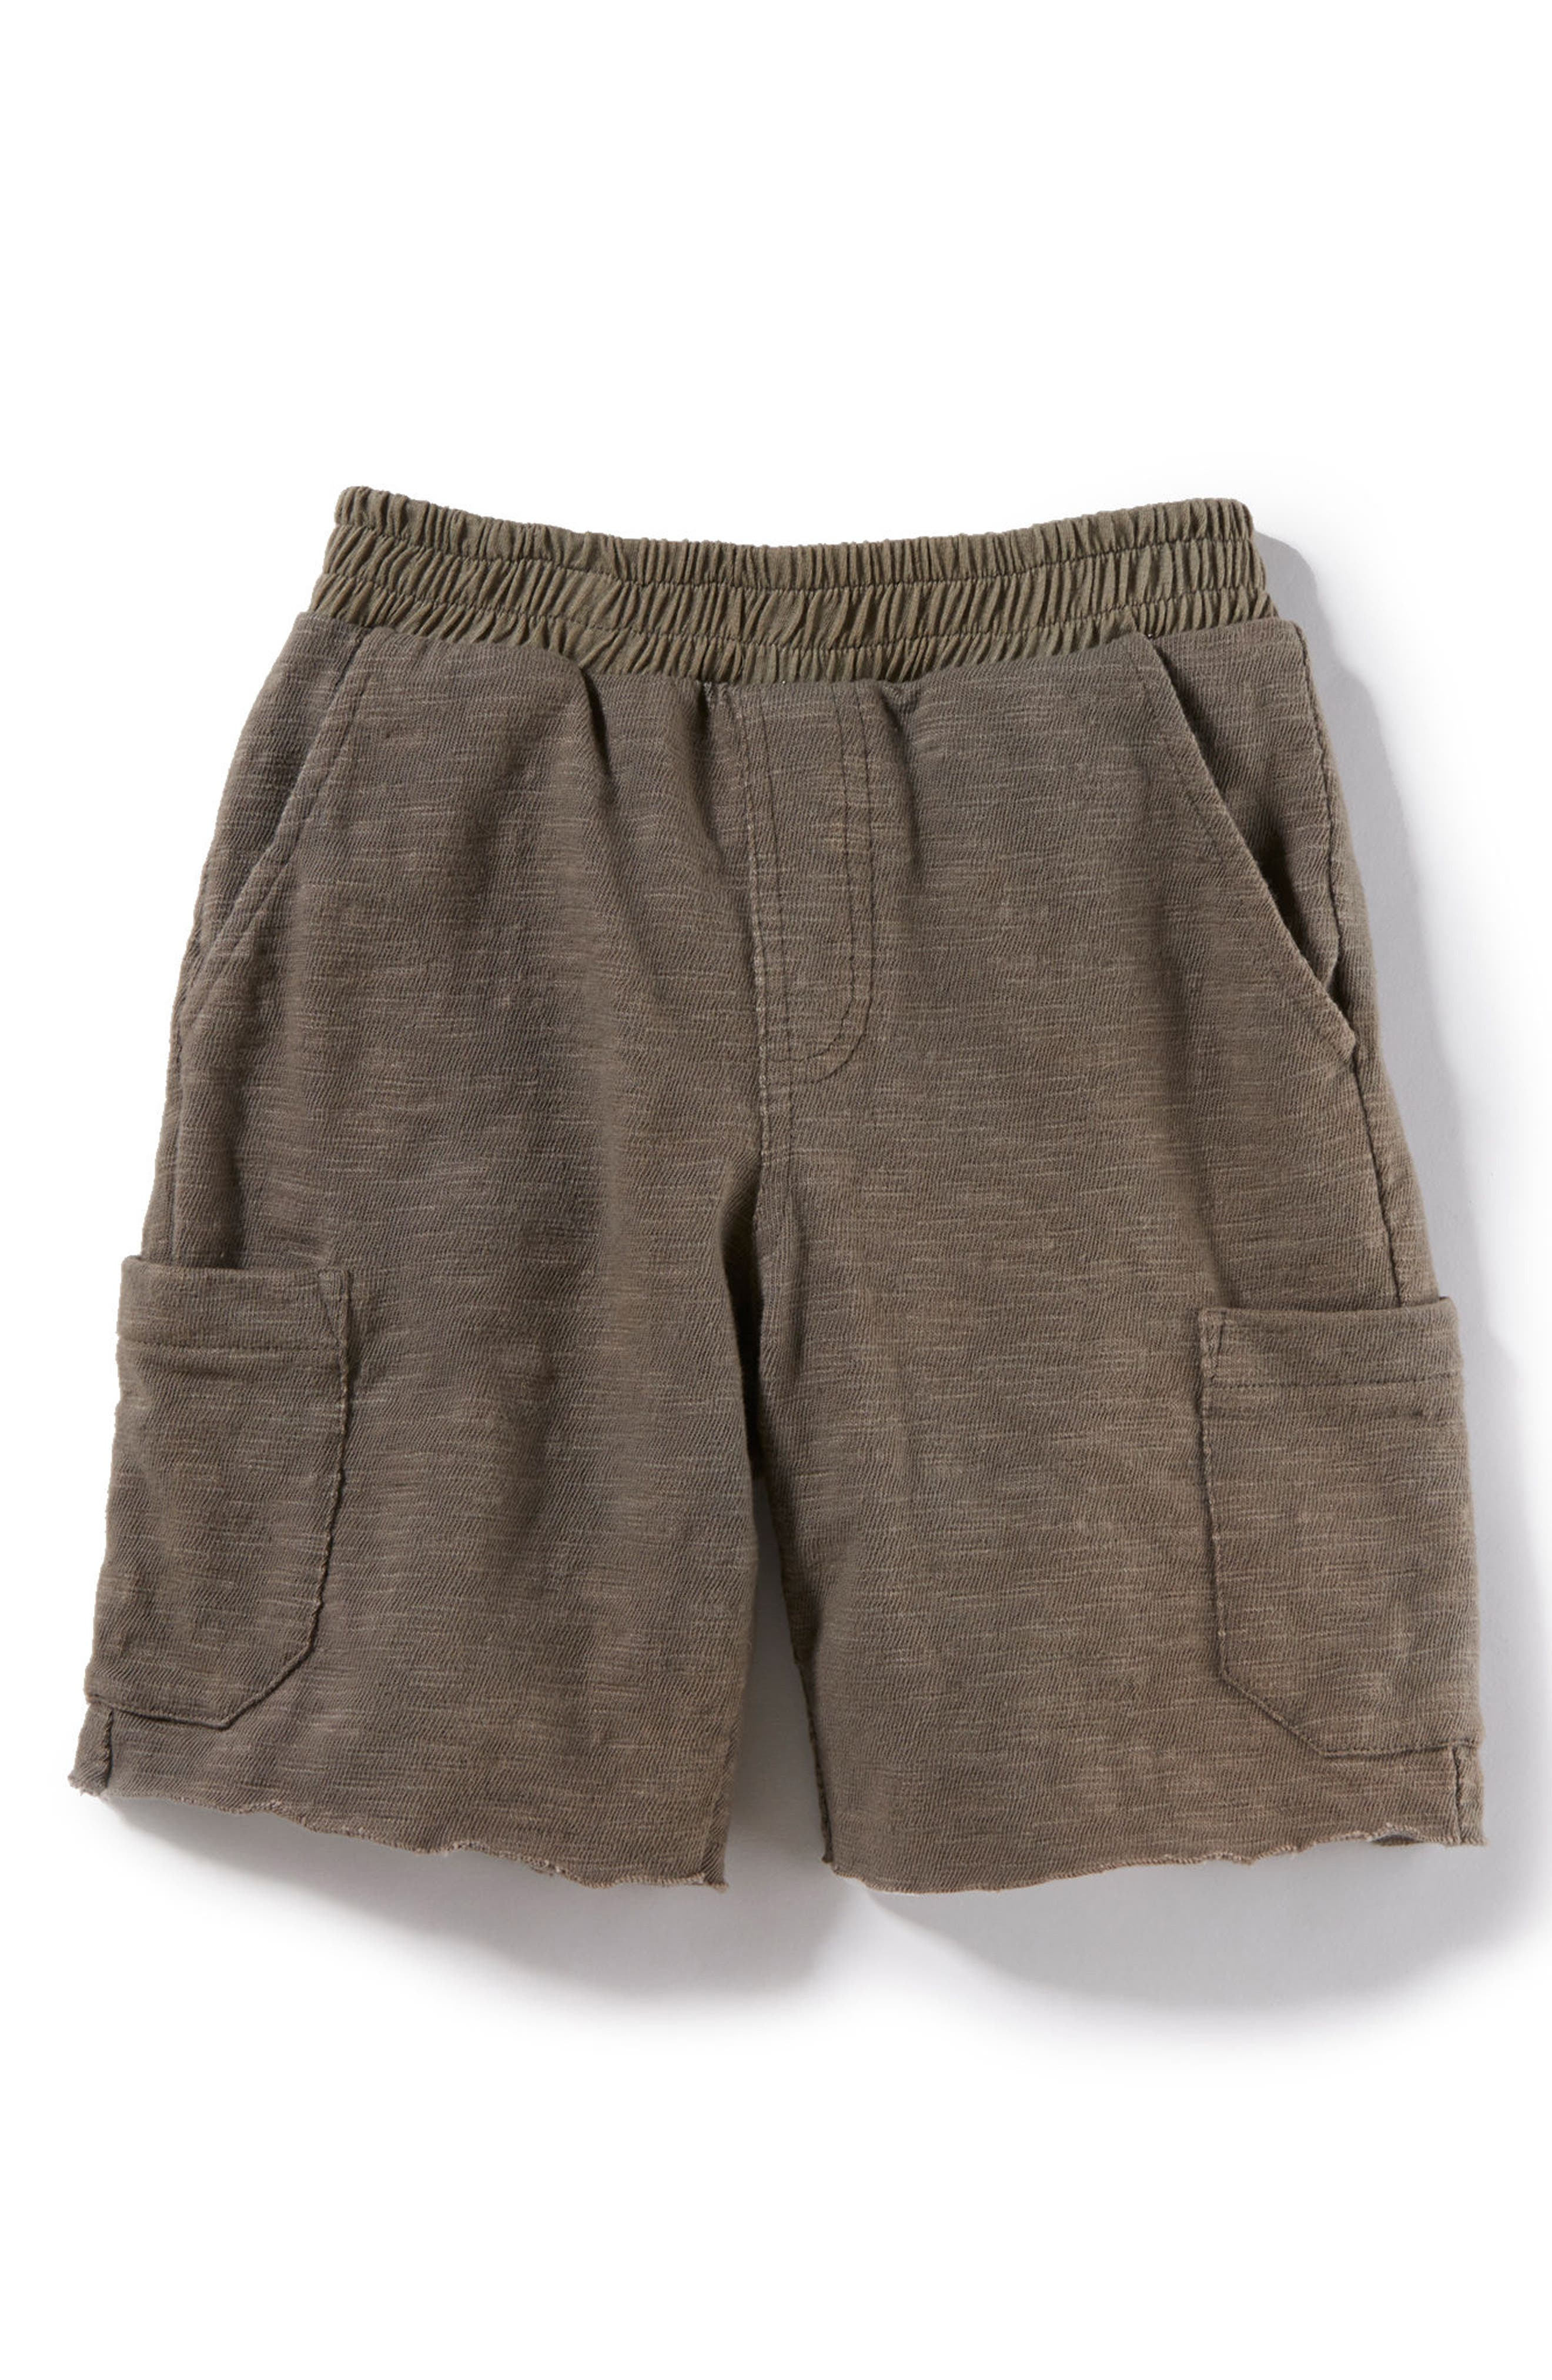 Asher Knit Shorts,                             Main thumbnail 1, color,                             305